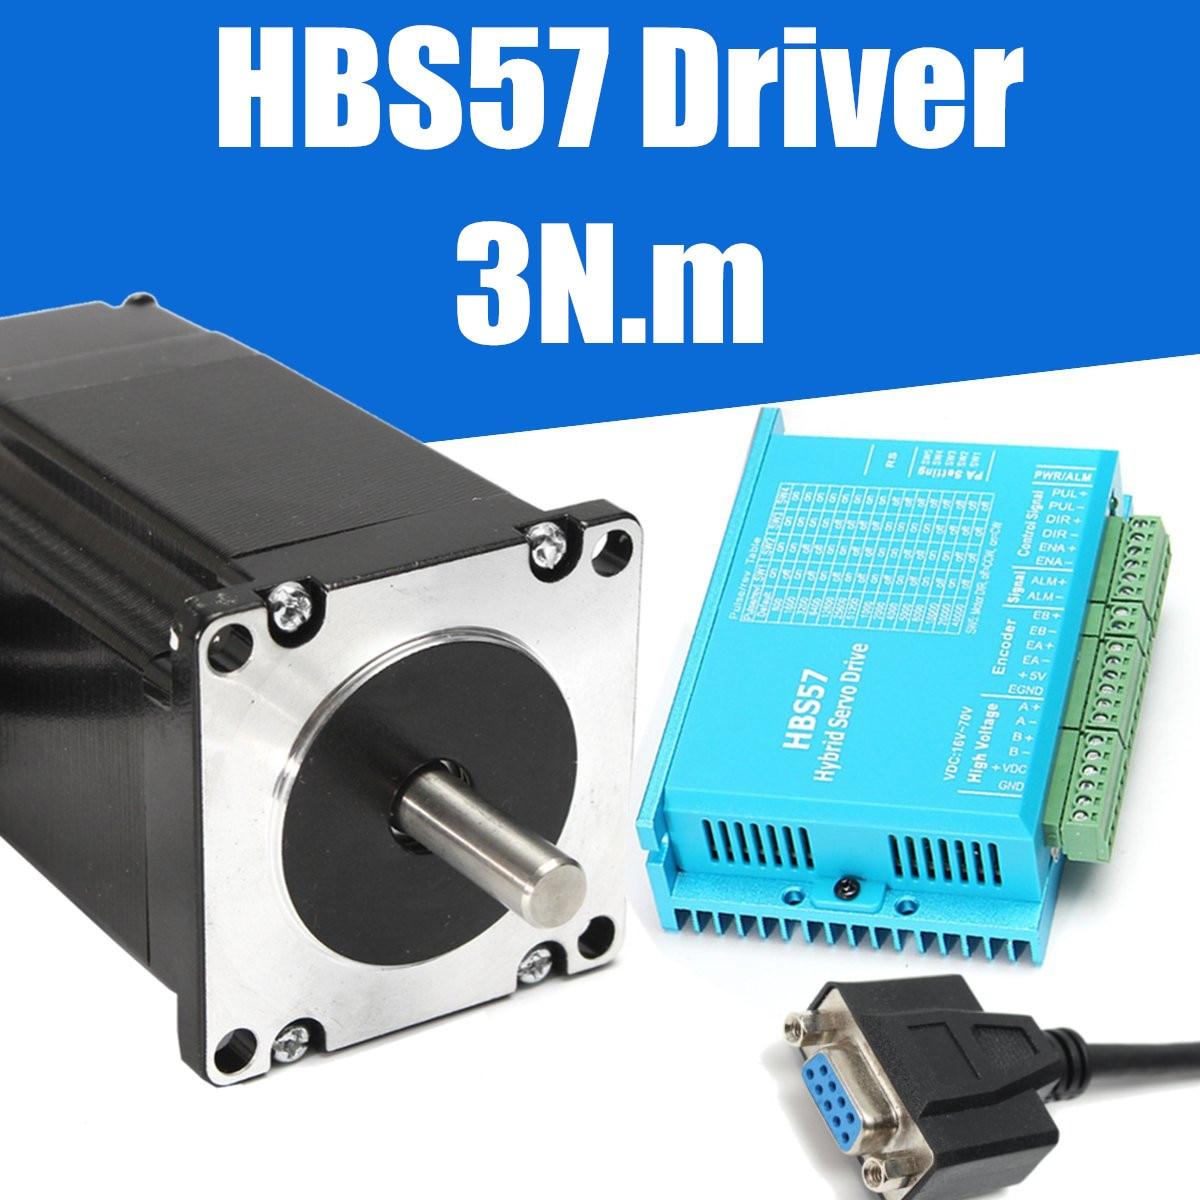 CNC HBS57 Гибридный сервопривод шагового двигателя 3N. m момент 57HSE2N-D25 замкнутый контур